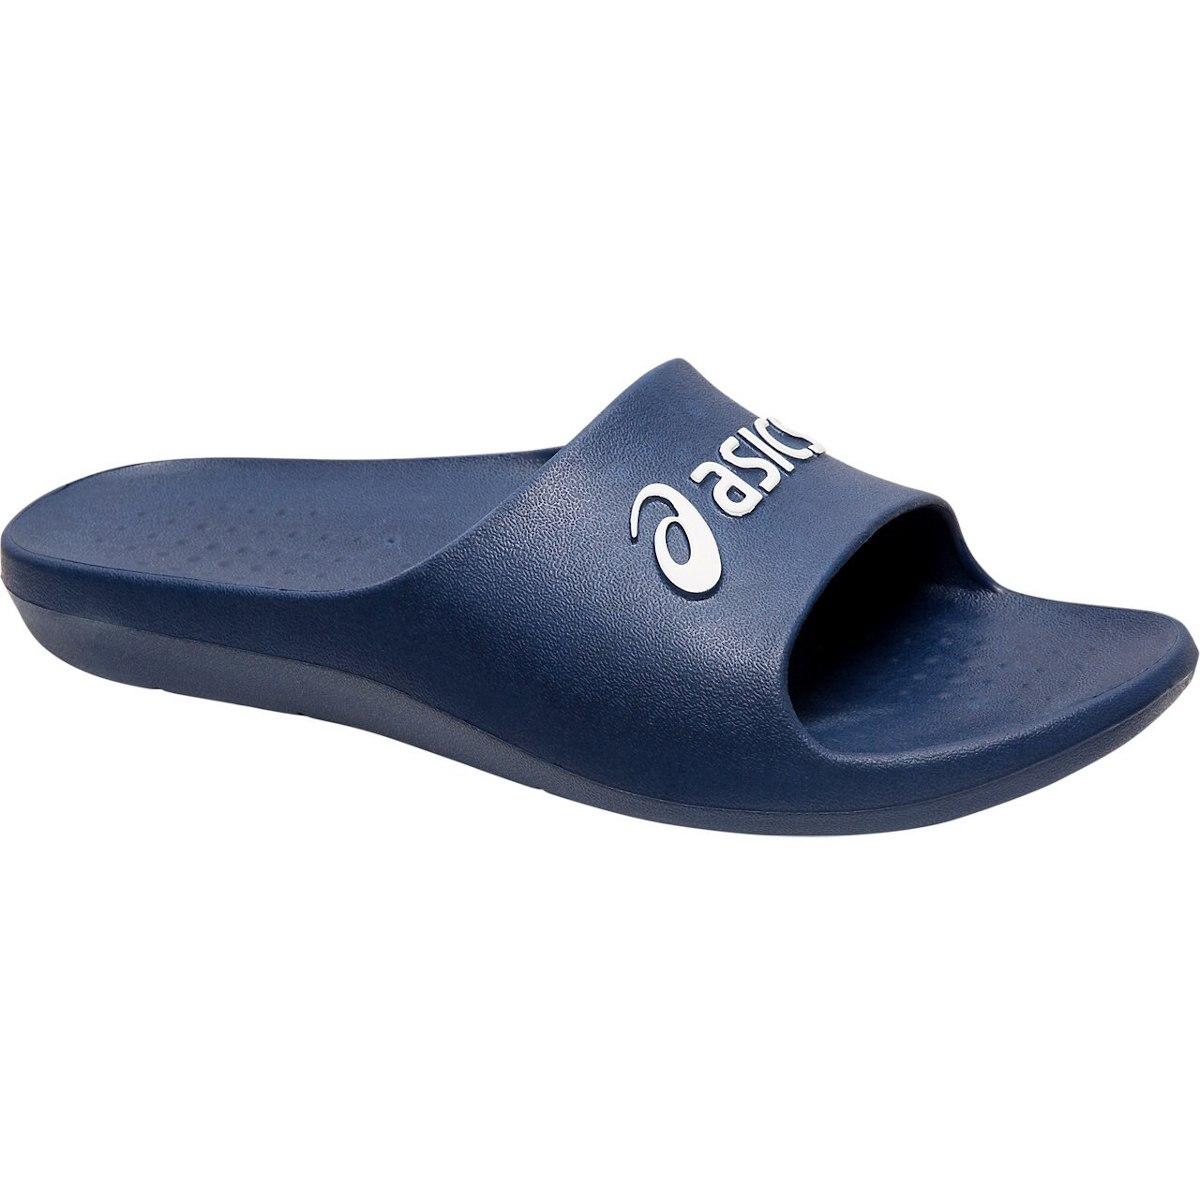 asics AS001 Bathing Shoe - indigo blue/white